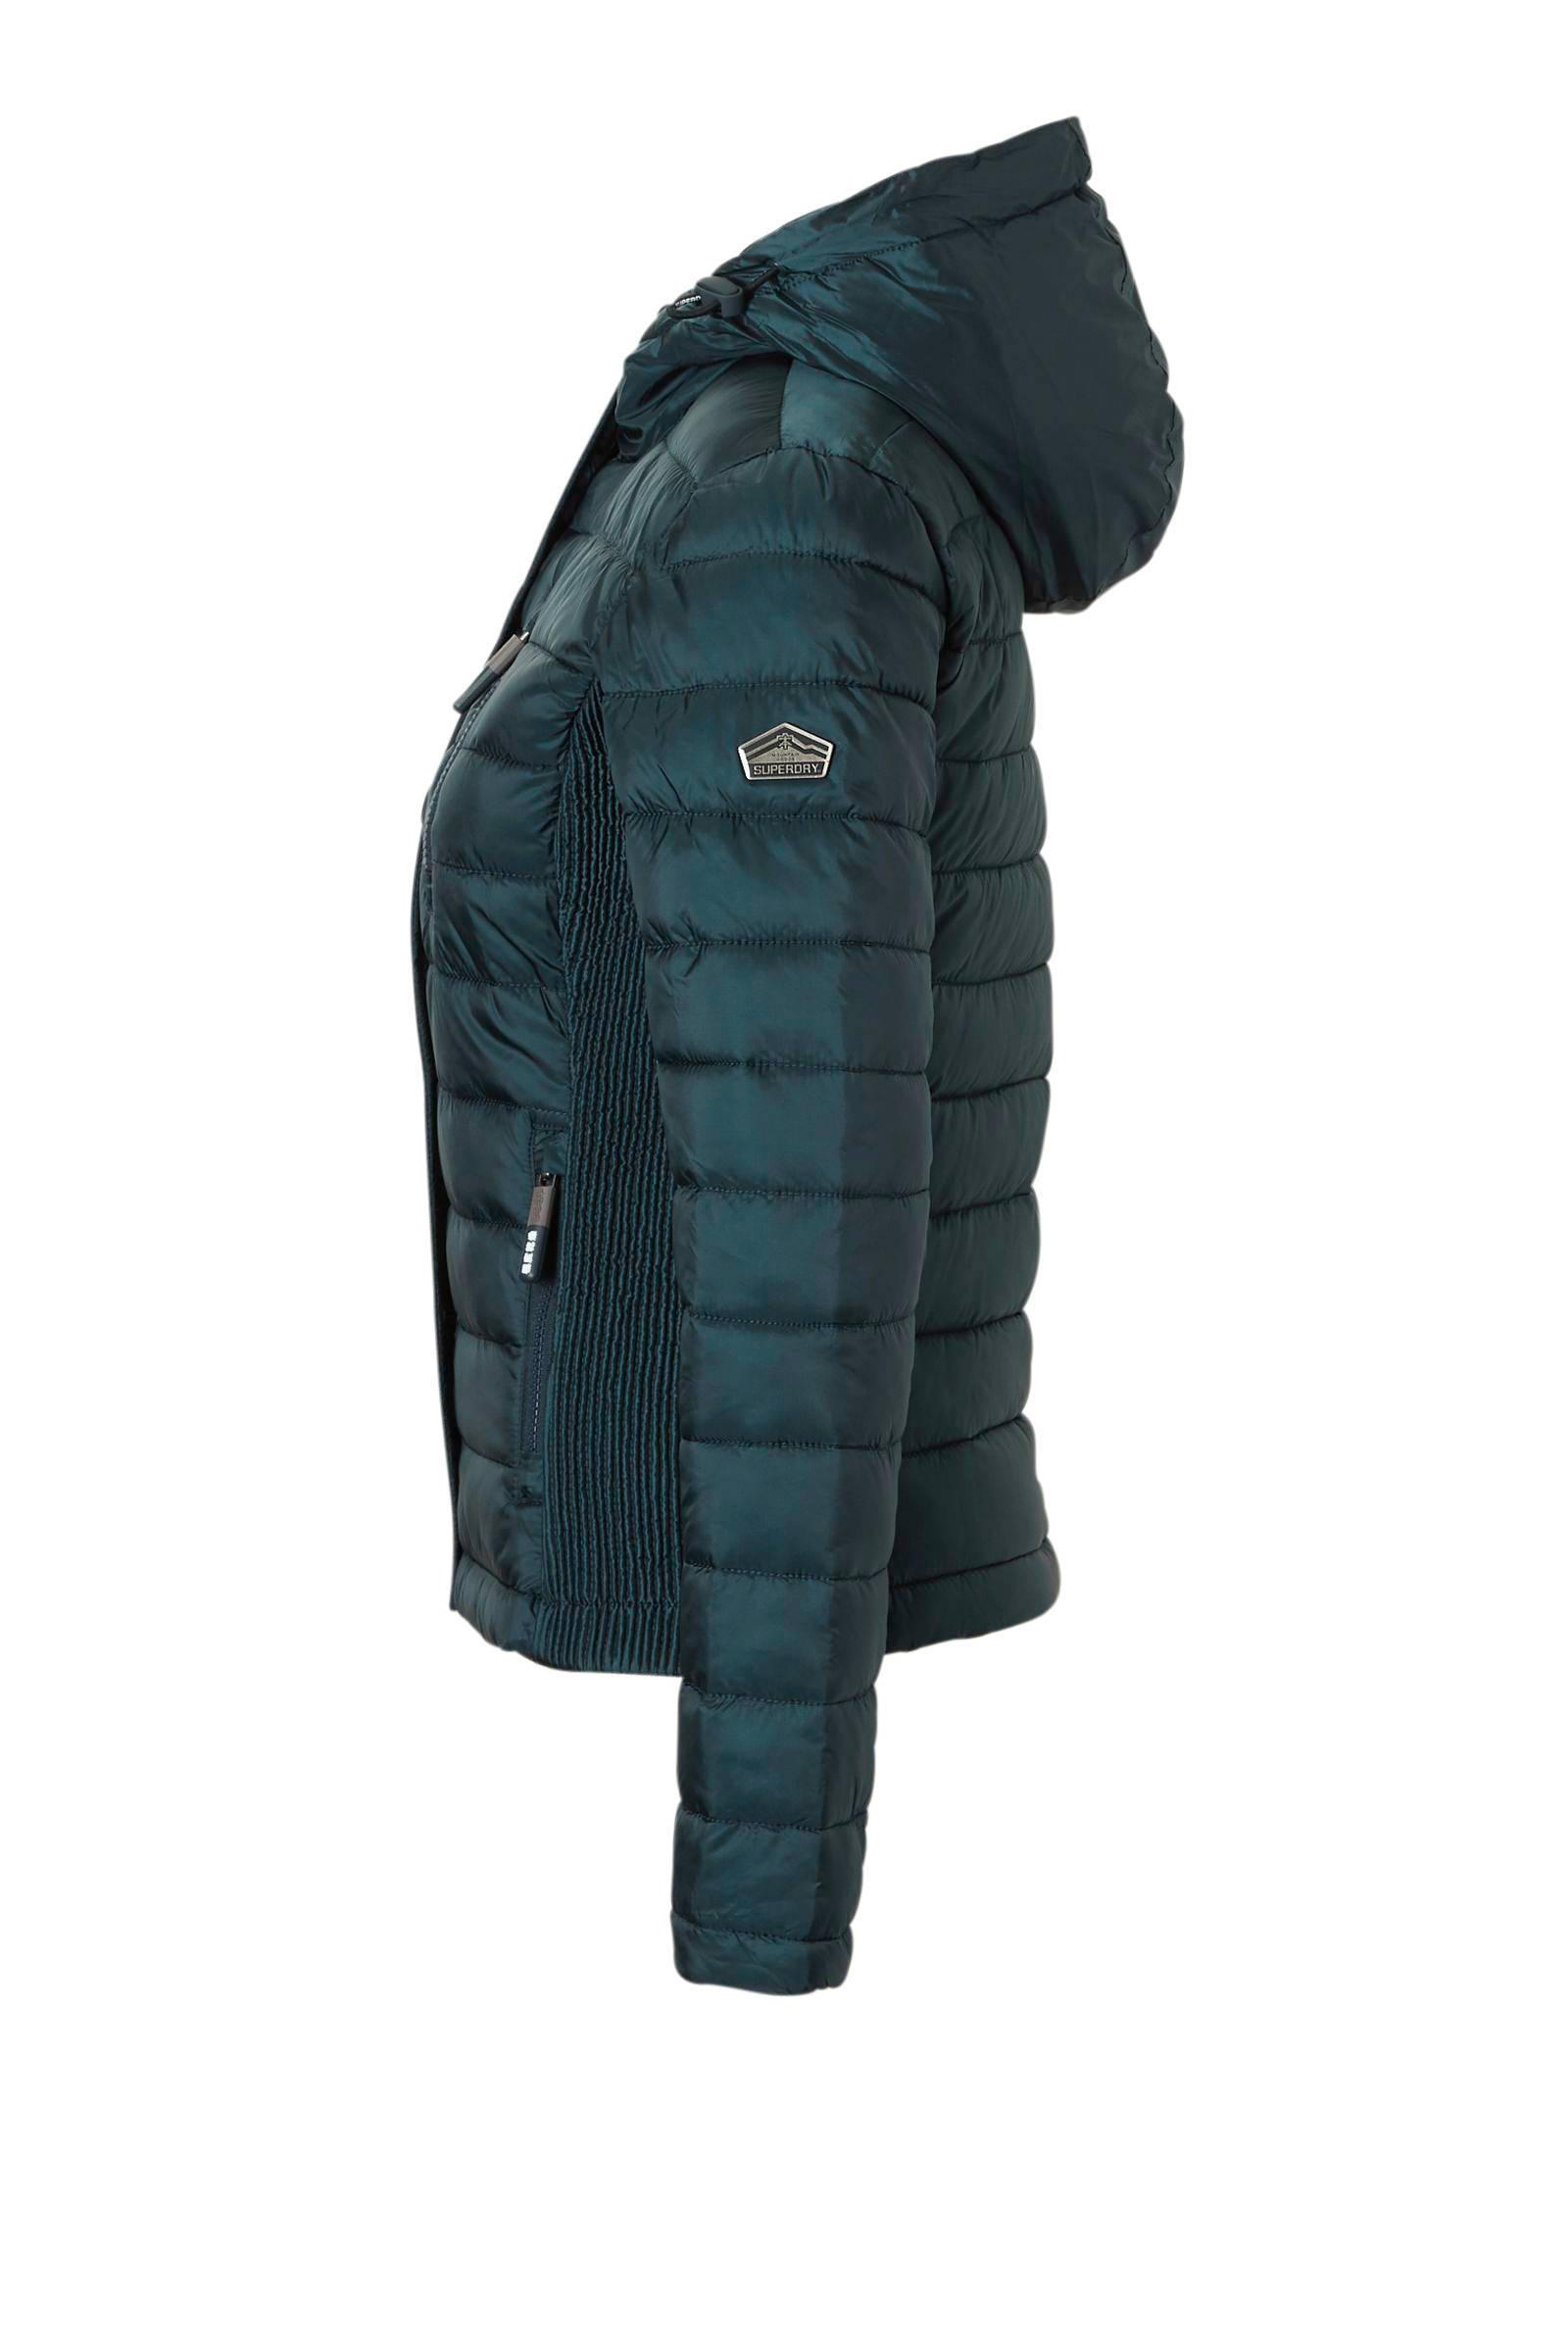 Superdry Luxe Fuji Double Zip jas   wehkamp